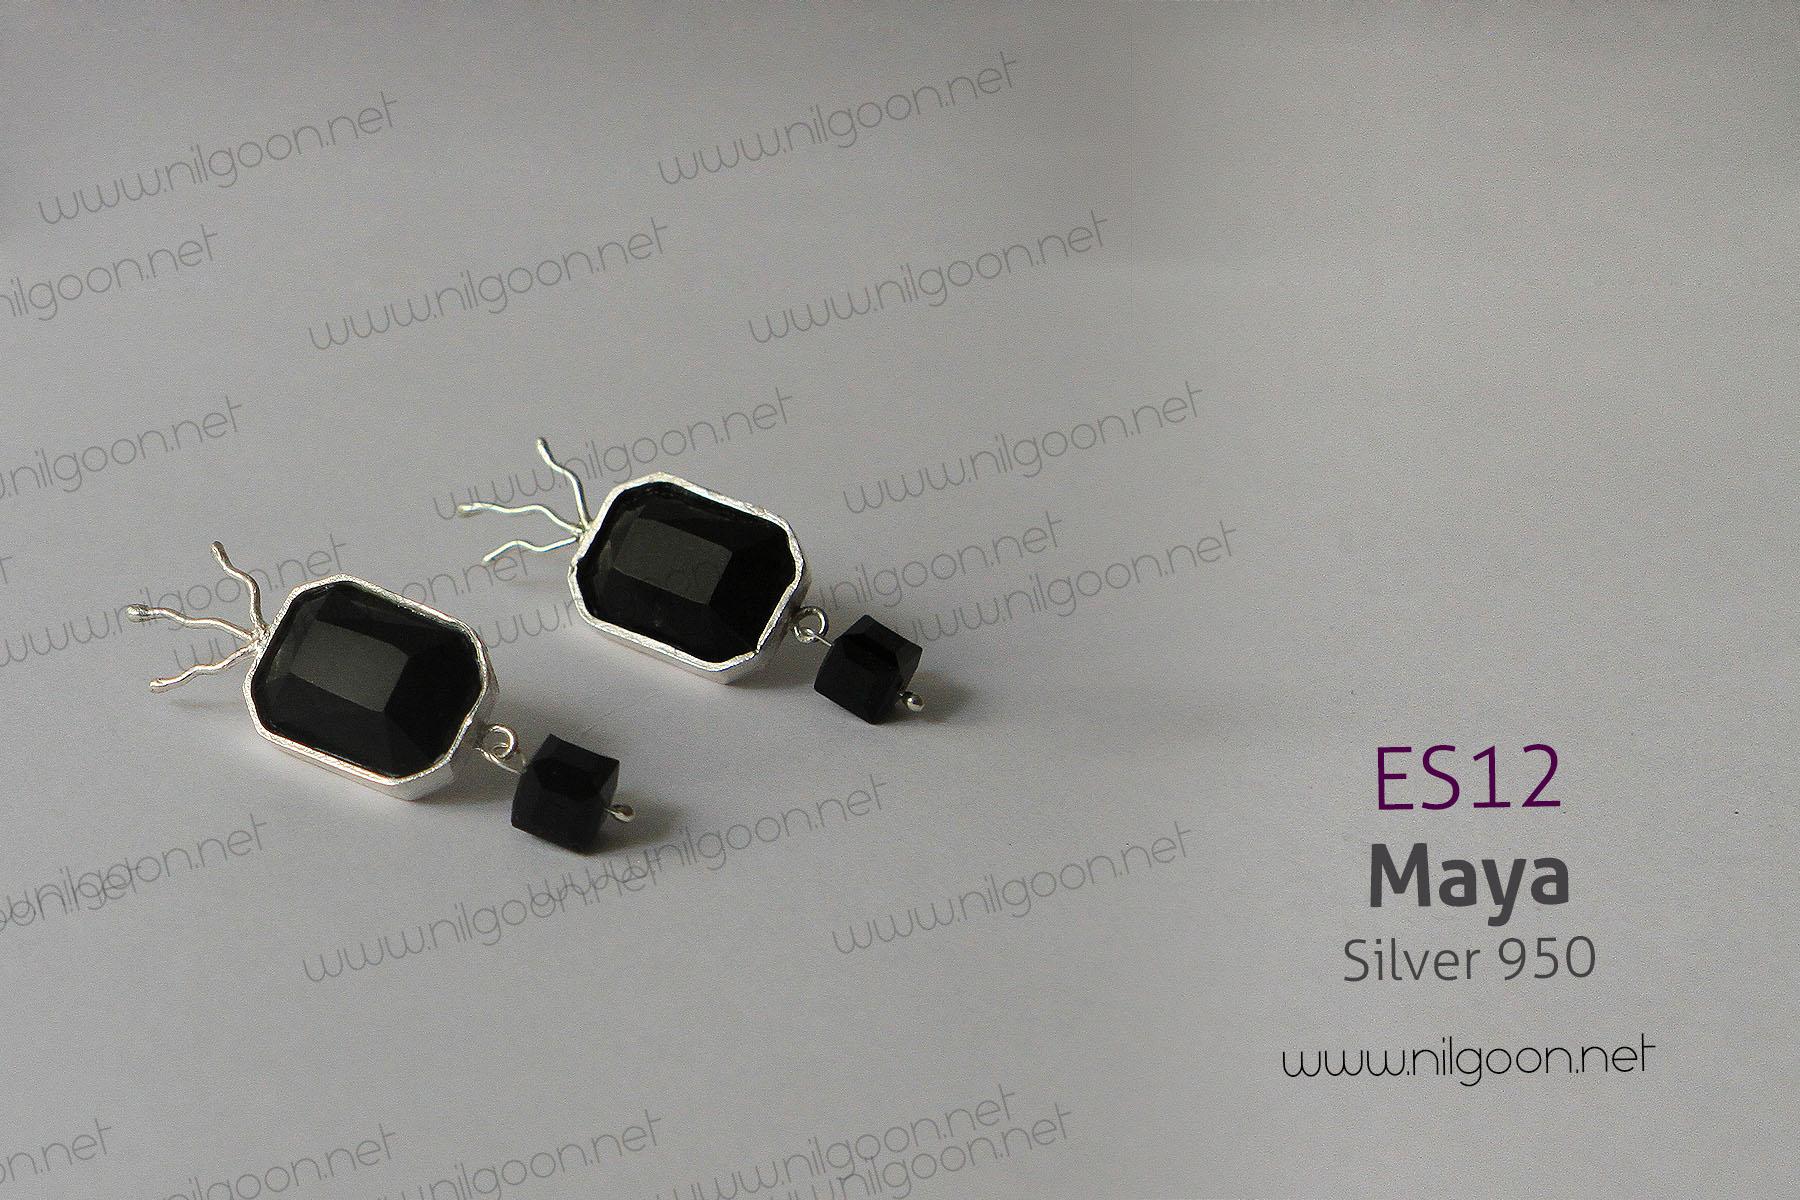 گوشواره نقره Maya